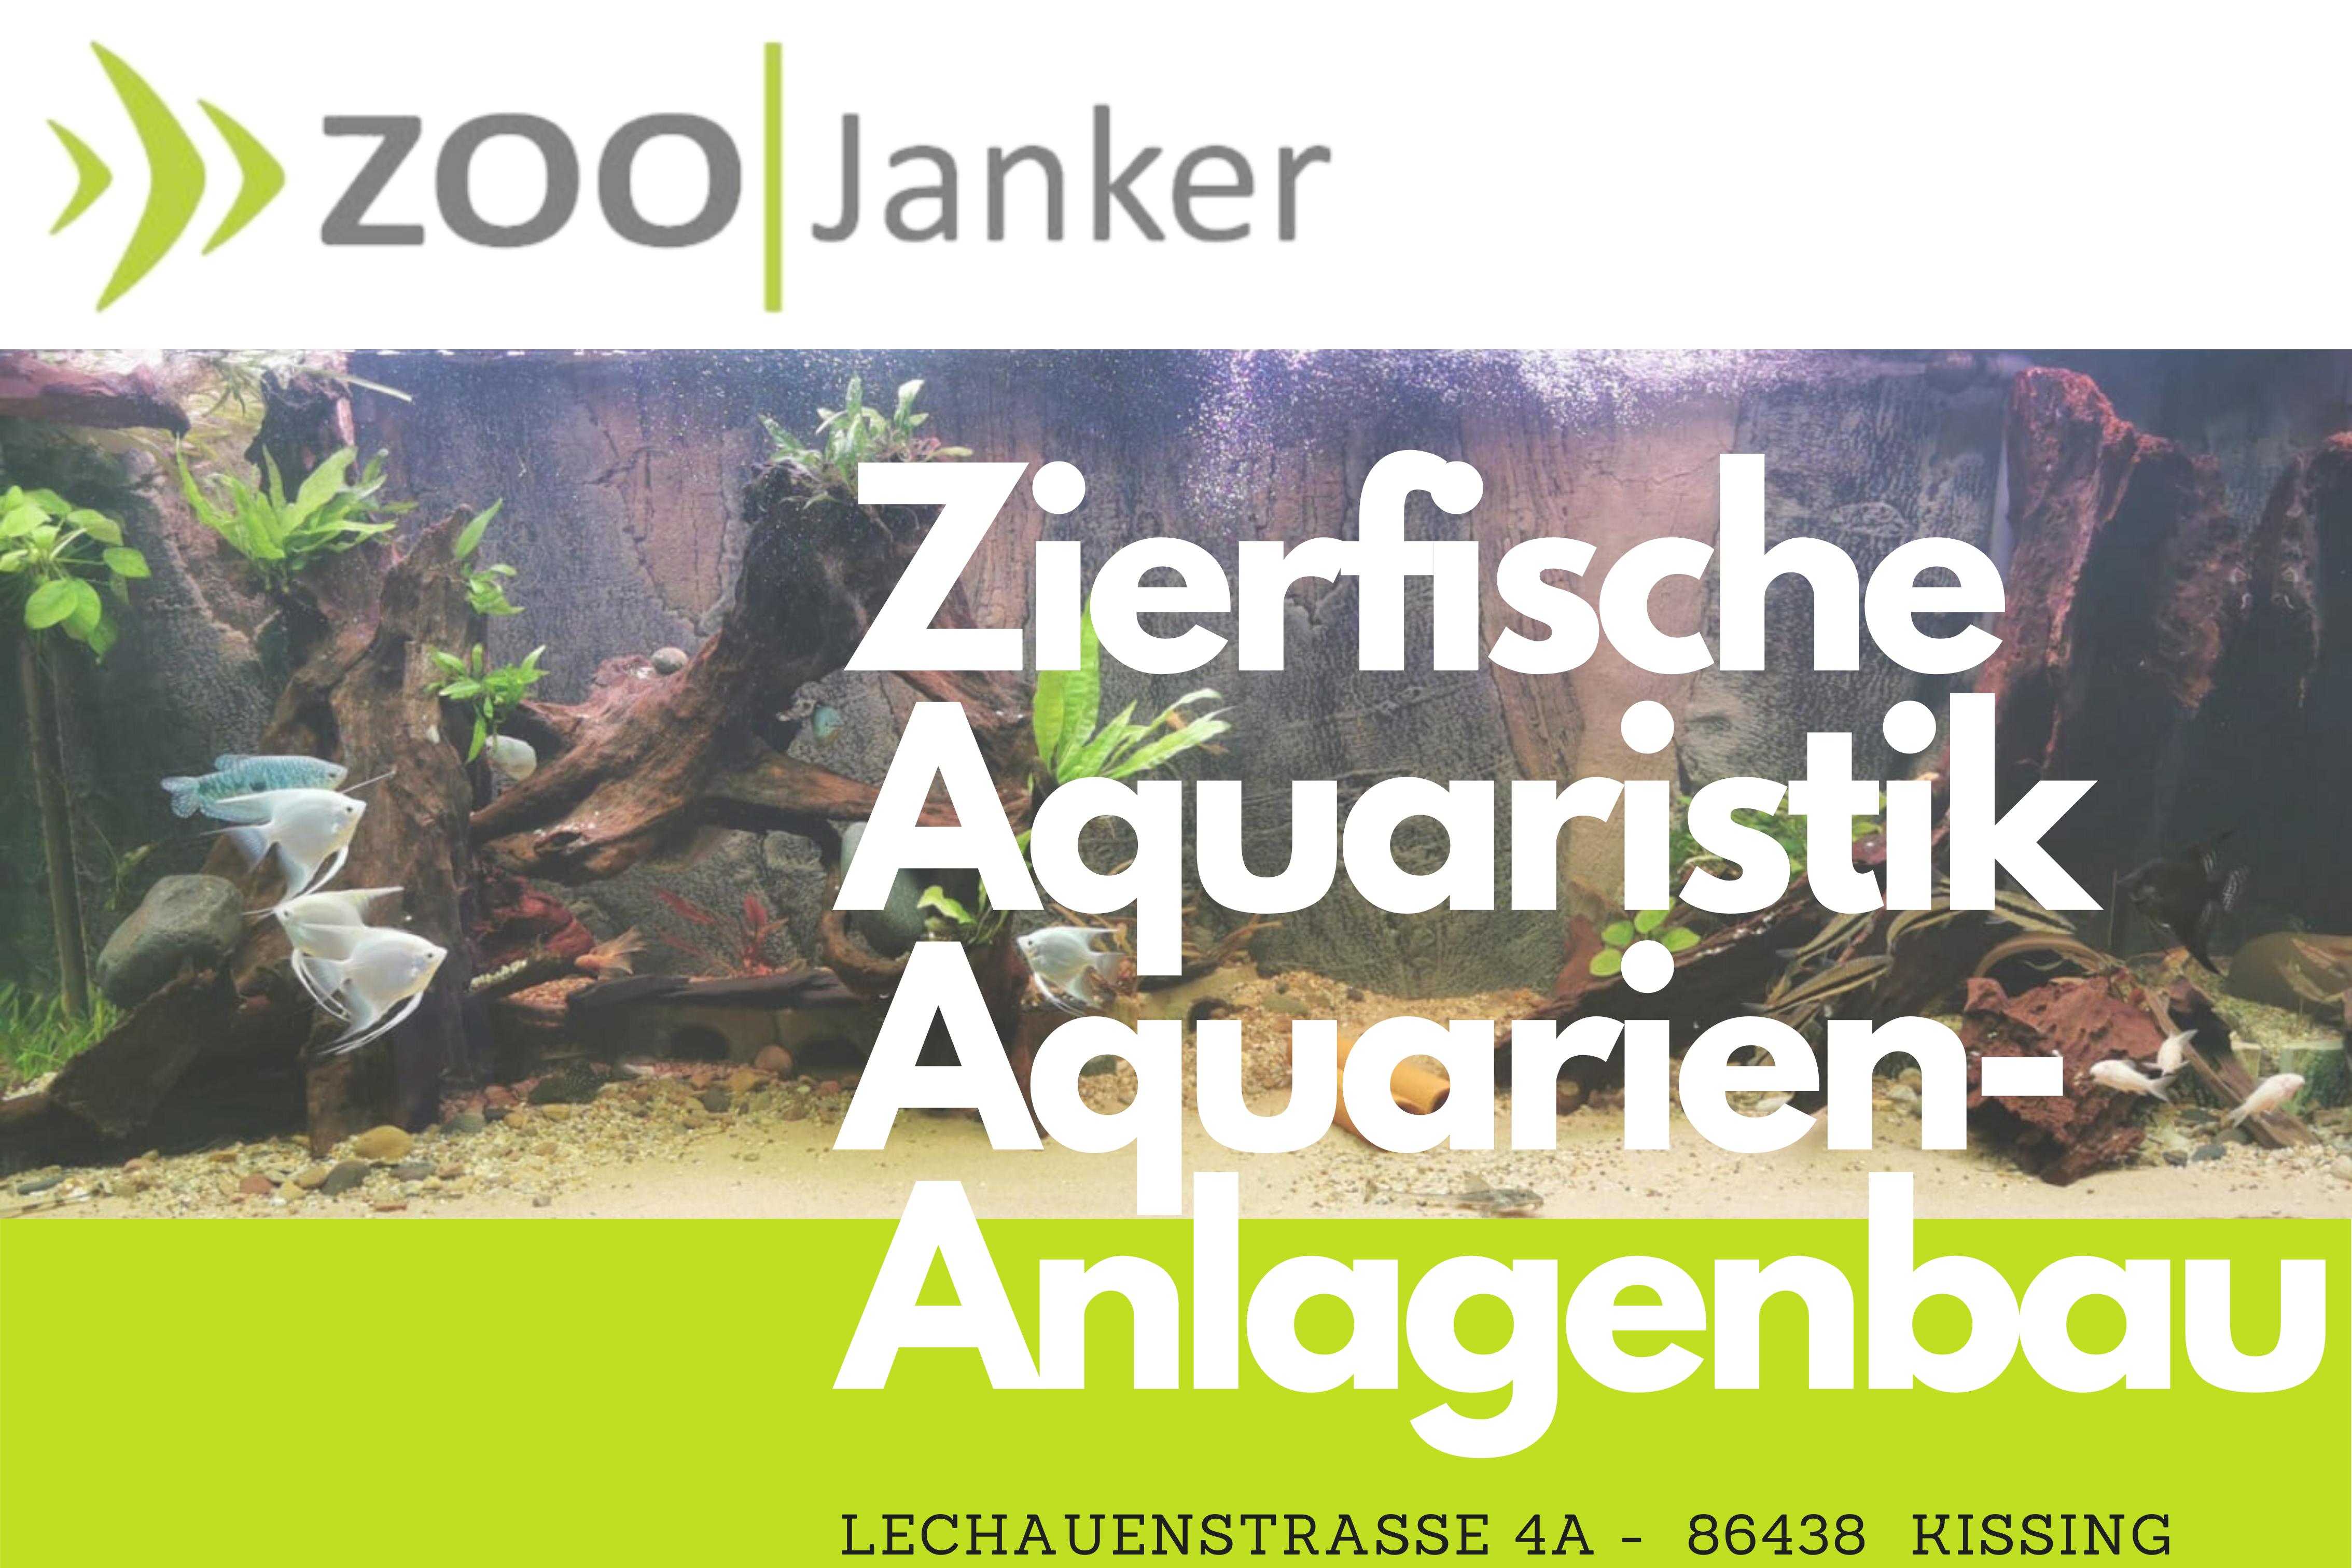 Vorschlag Zoo Janker Werbeschild